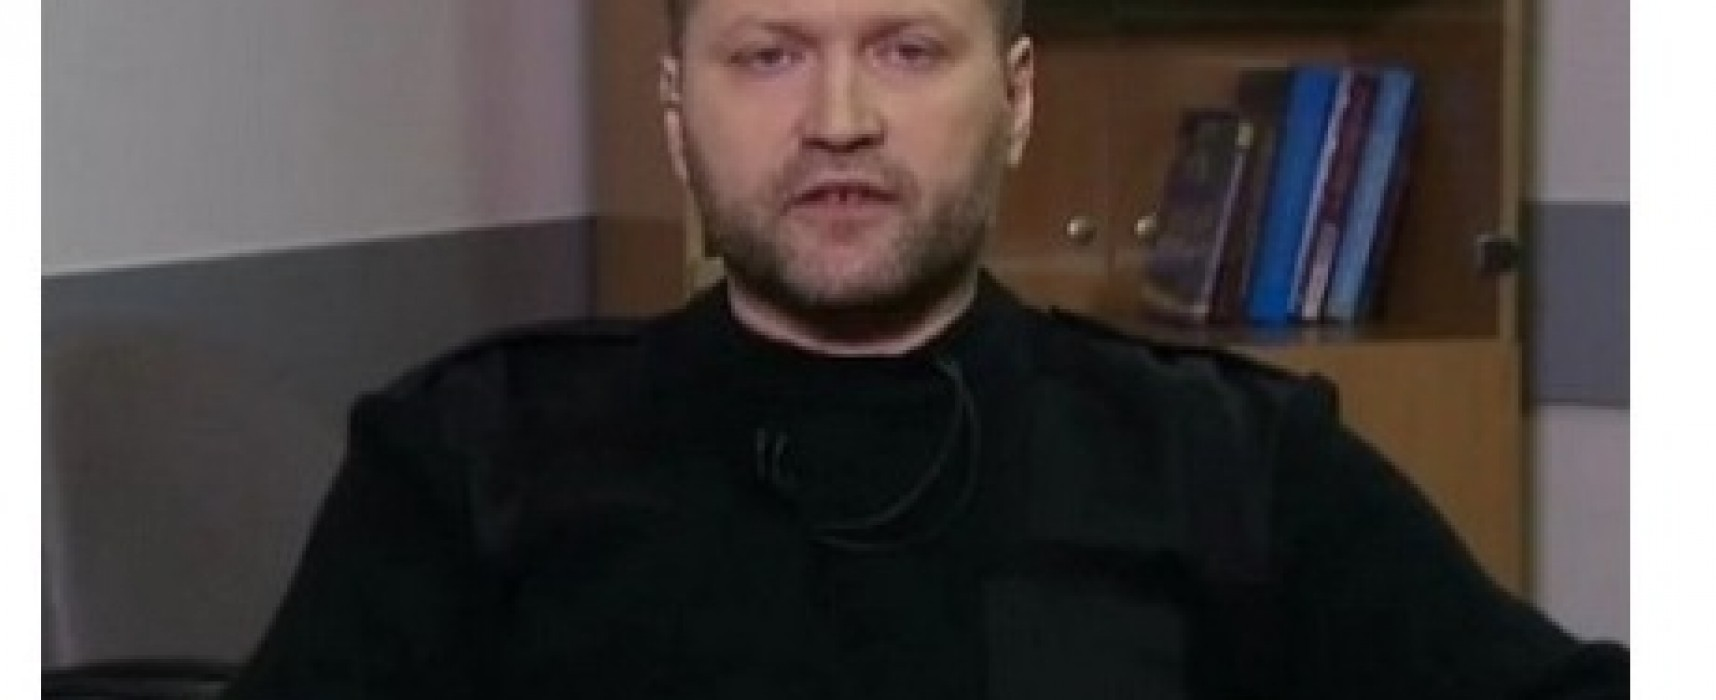 Борислав Береза опроверг информацию о планах расстрелять Верховную Раду и Кабмин